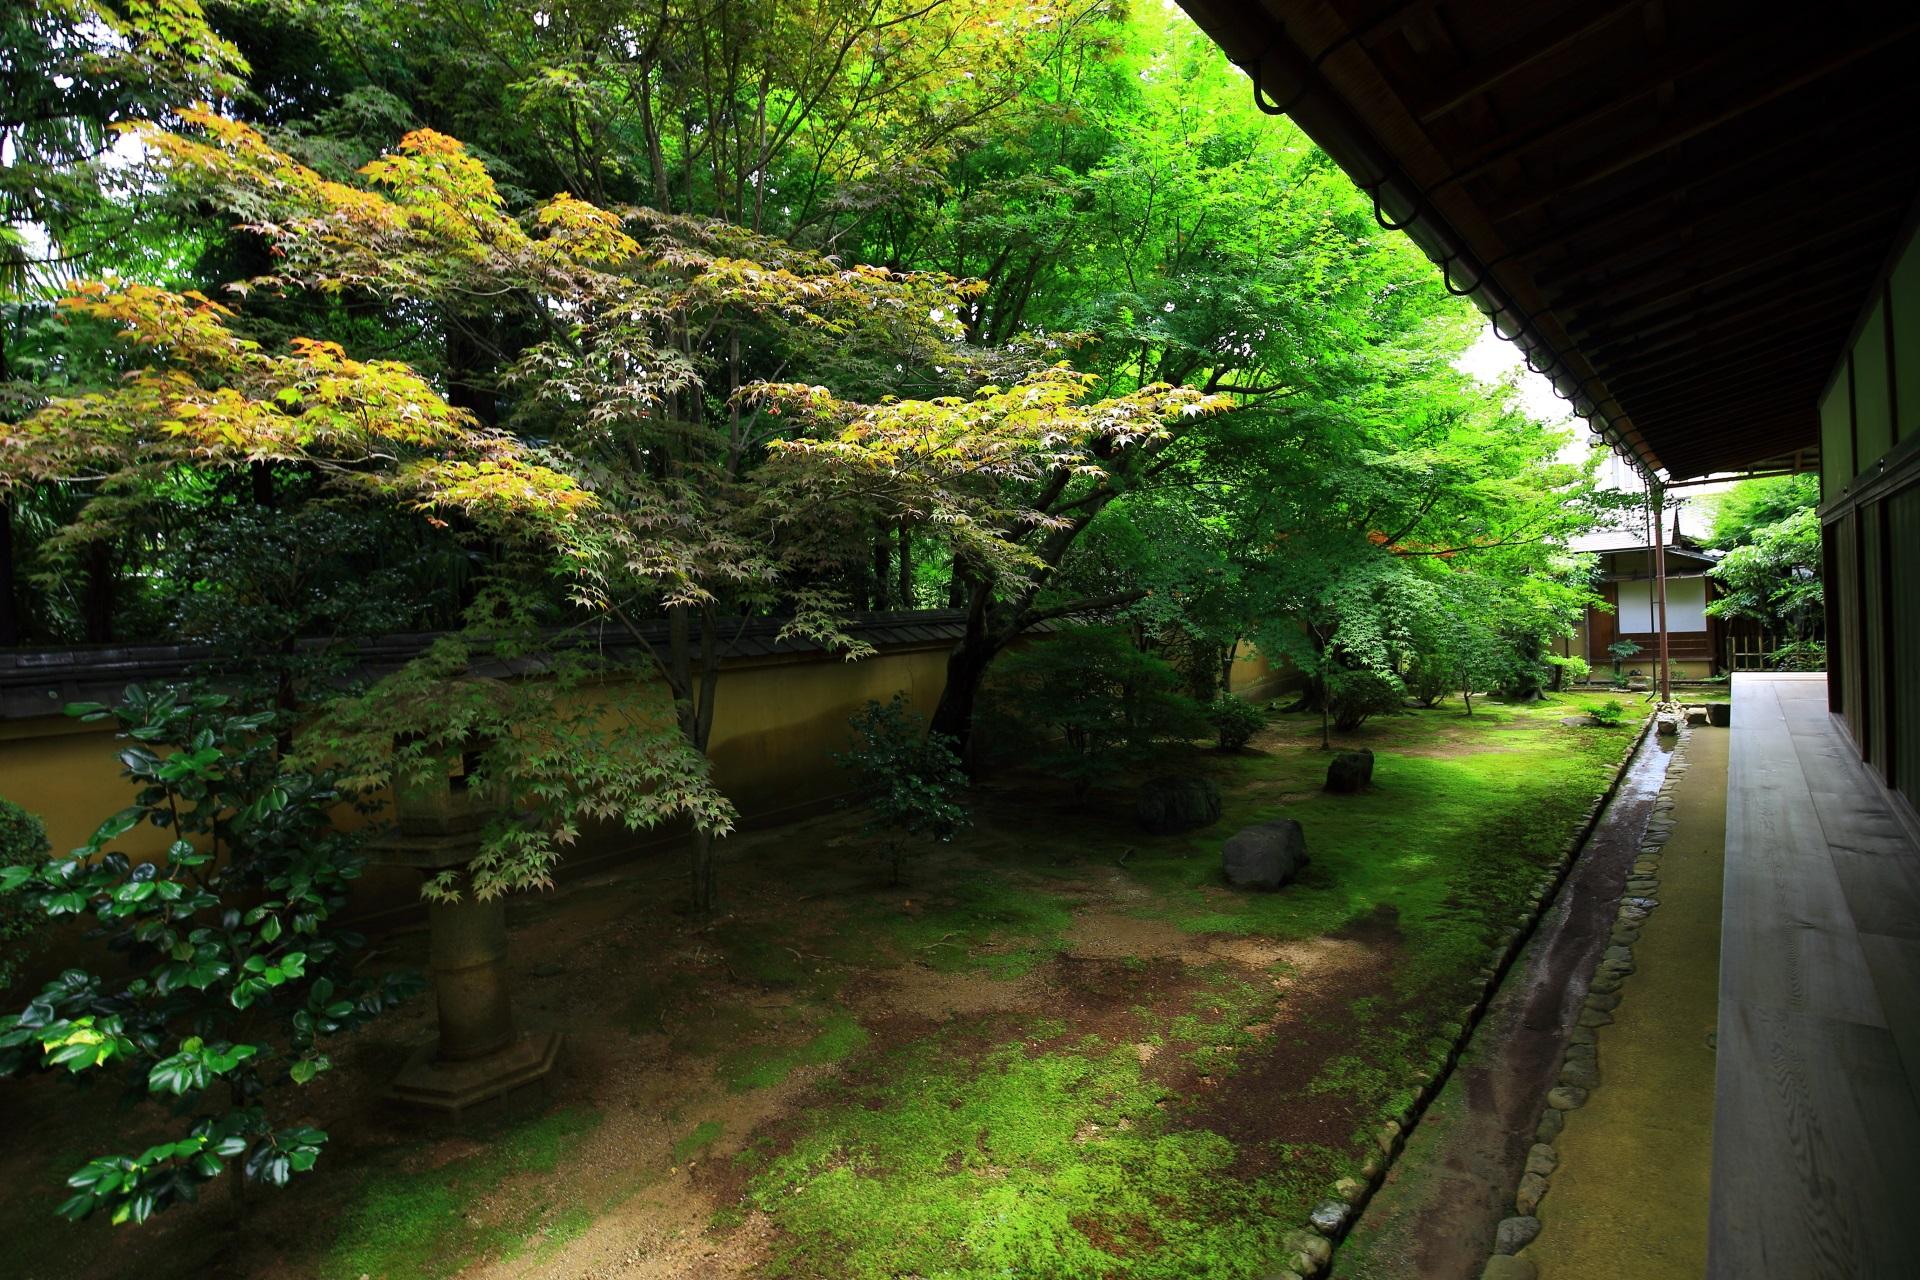 方丈を囲むように庭園が広がる興臨院